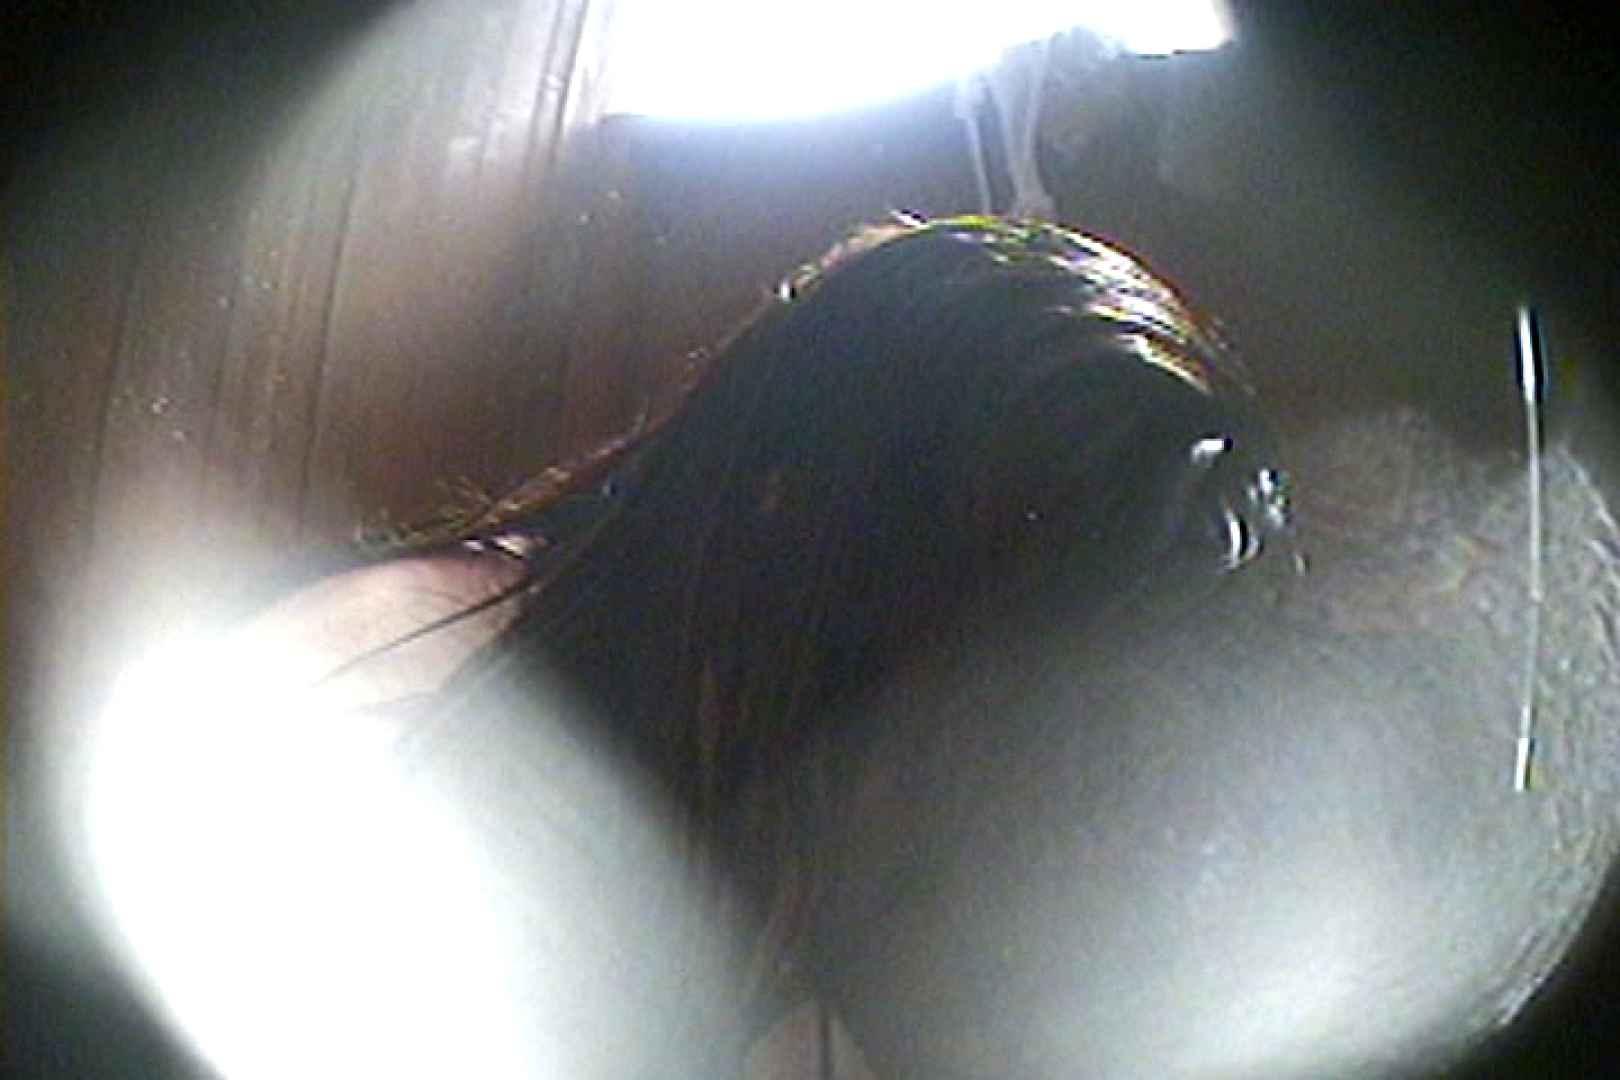 海の家の更衣室 Vol.61 美女 盗撮オマンコ無修正動画無料 62pic 53